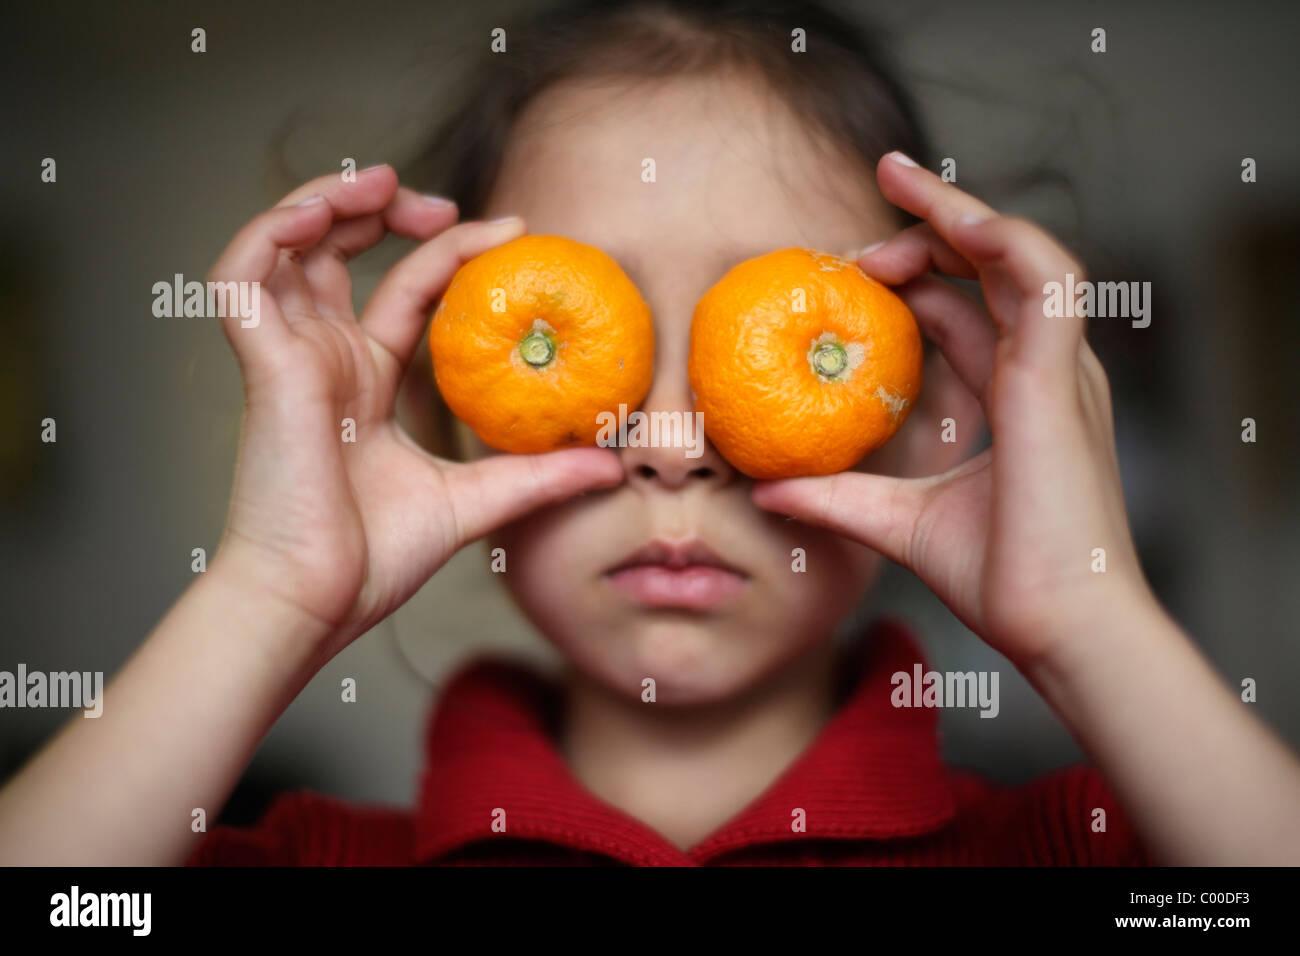 Mädchen hält Orangen über die Augen. Stockbild